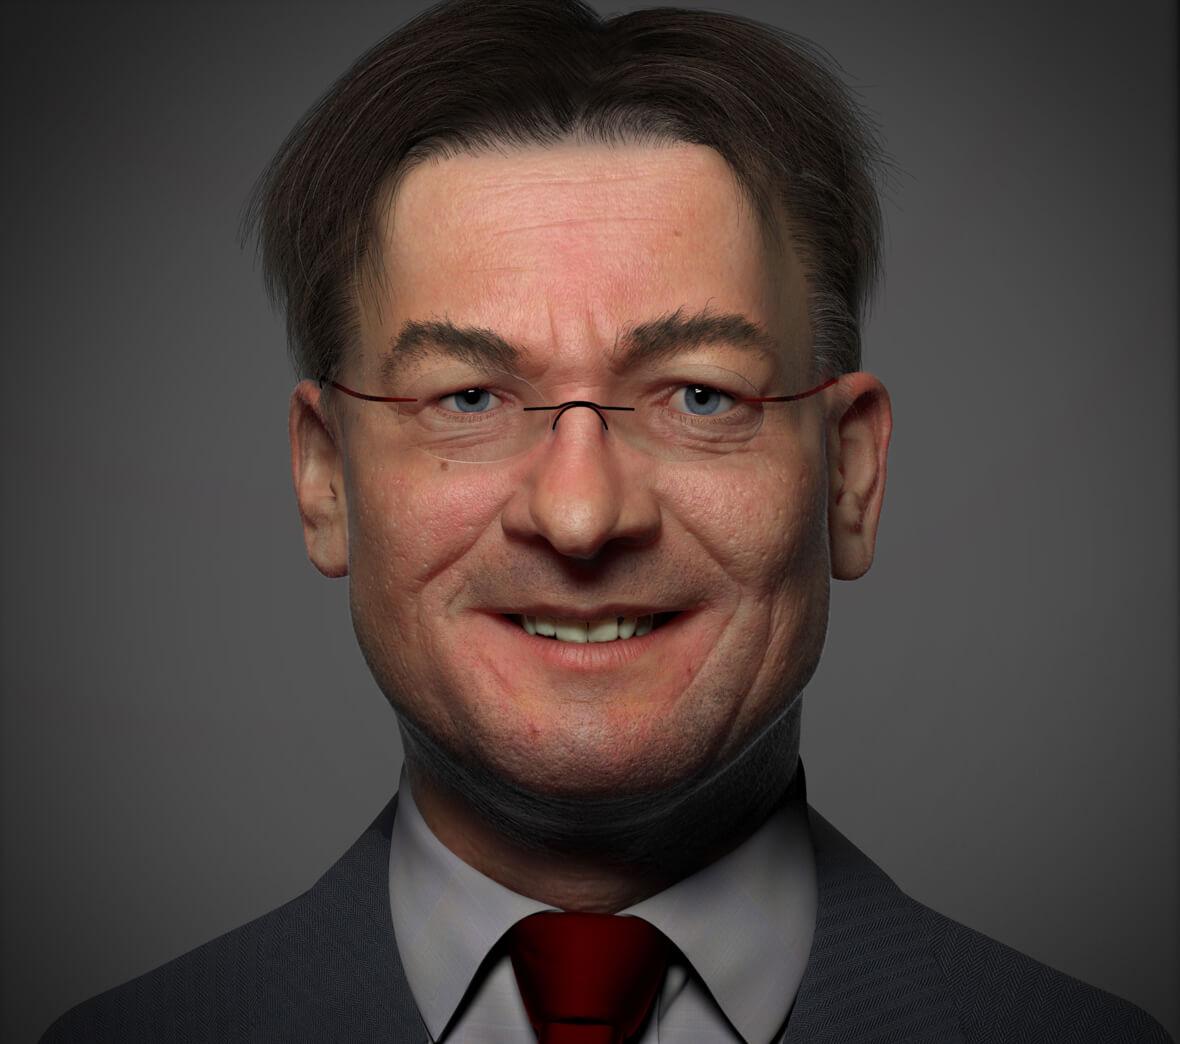 Maxime Verhagen Image